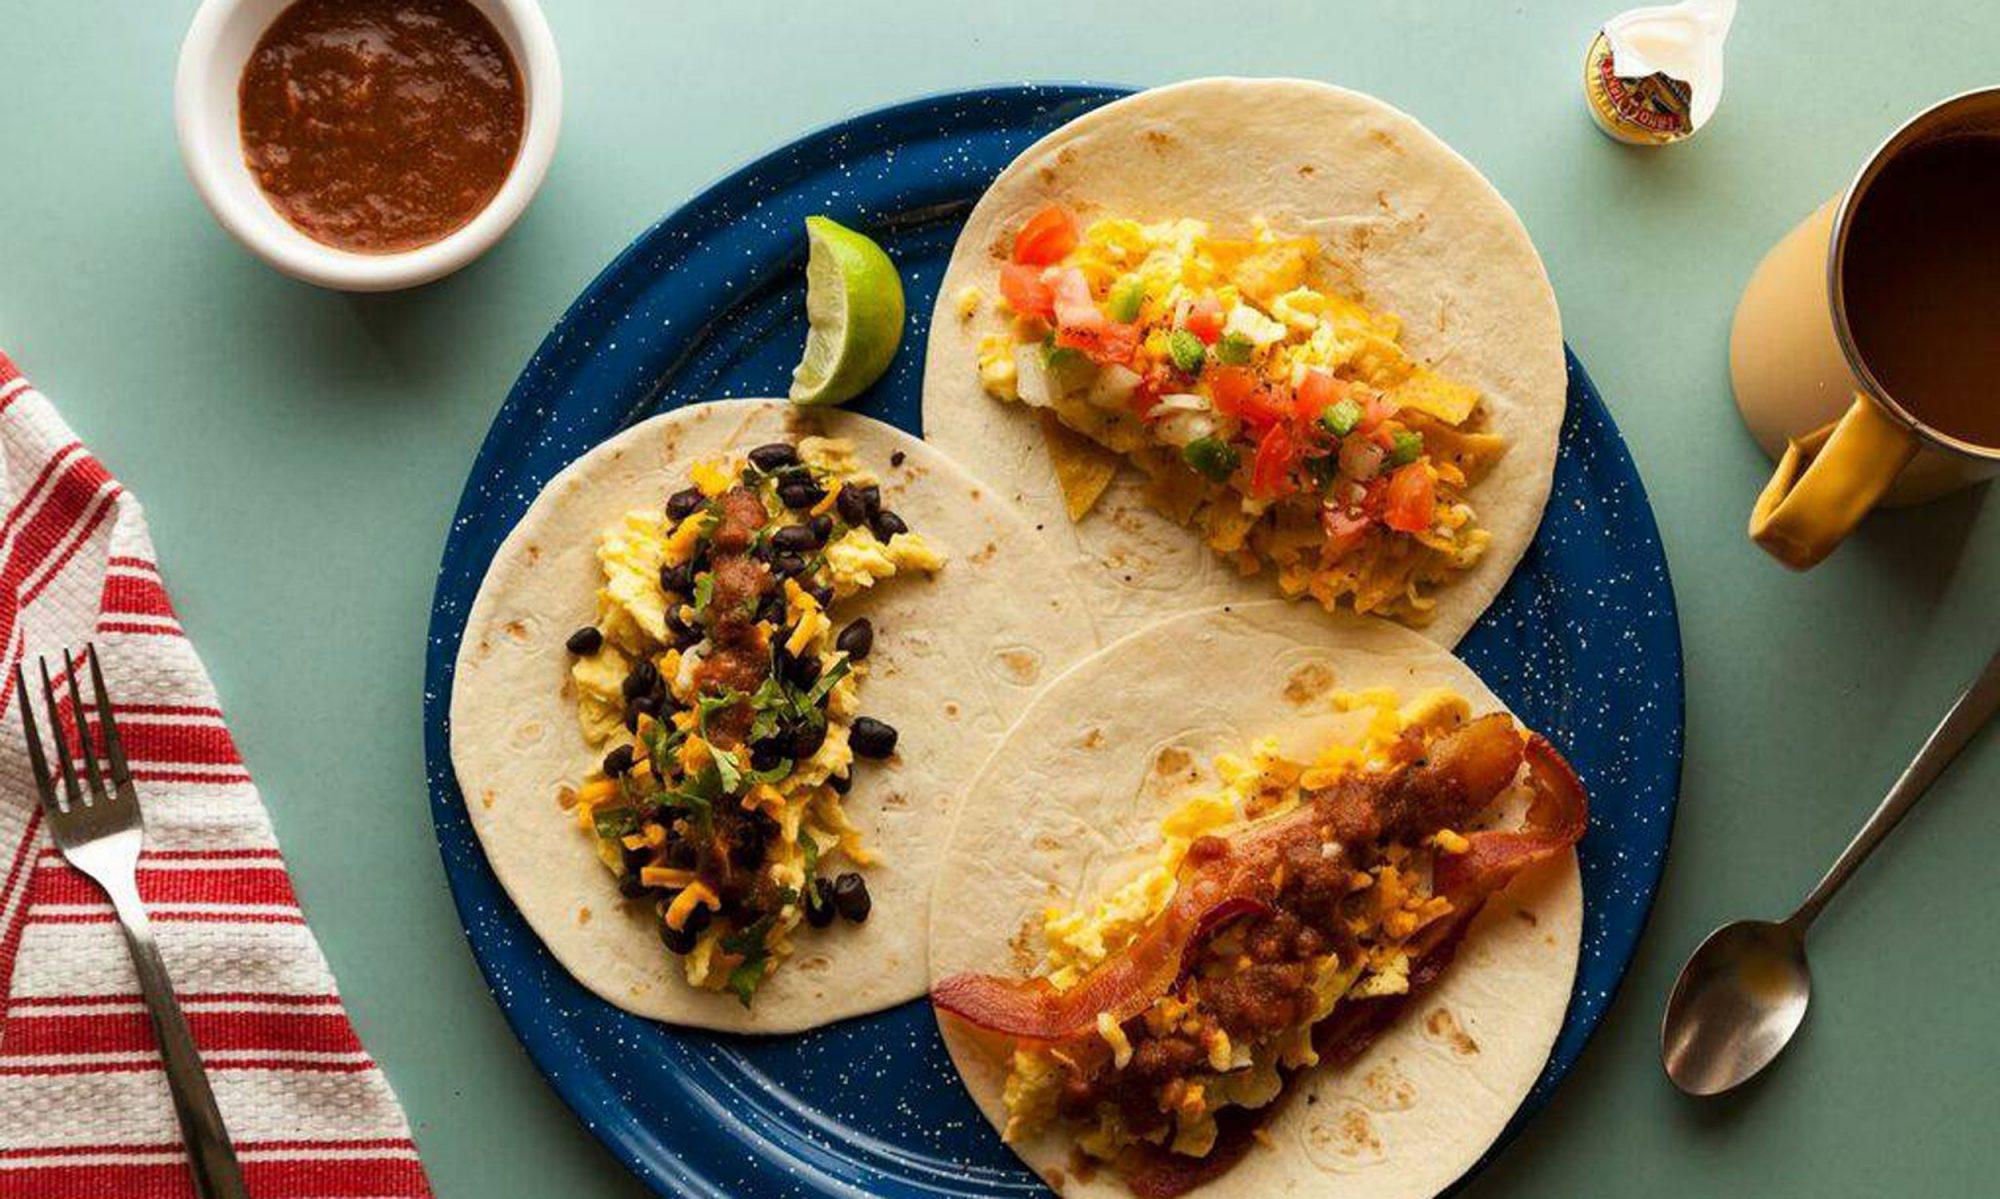 EC: The Best Breakfast Taco in Austin